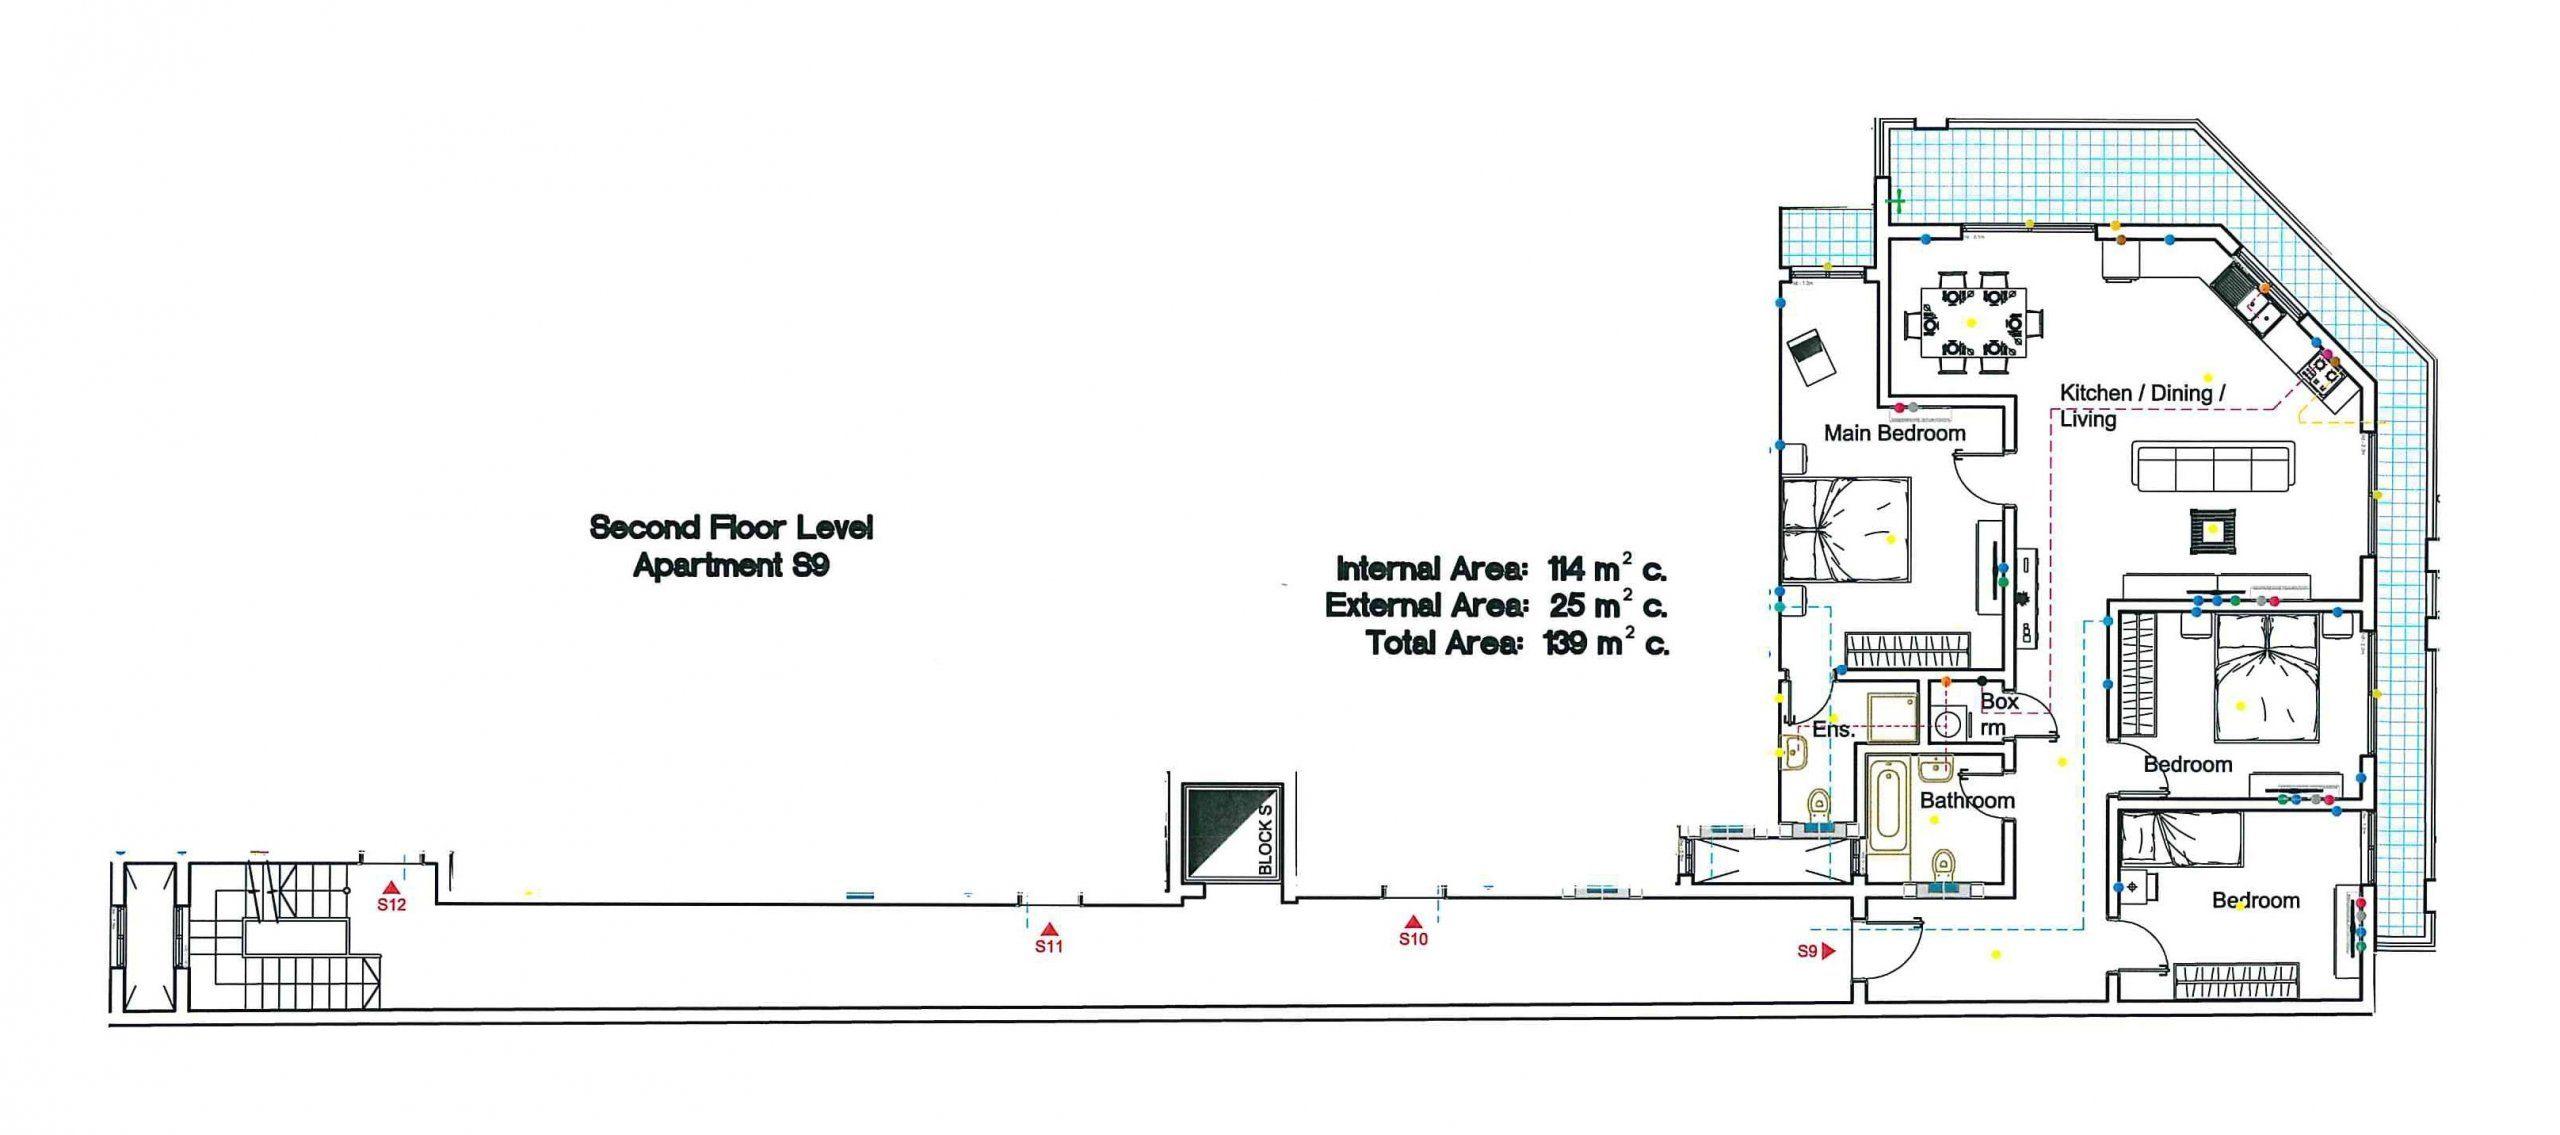 S9 Second Floor